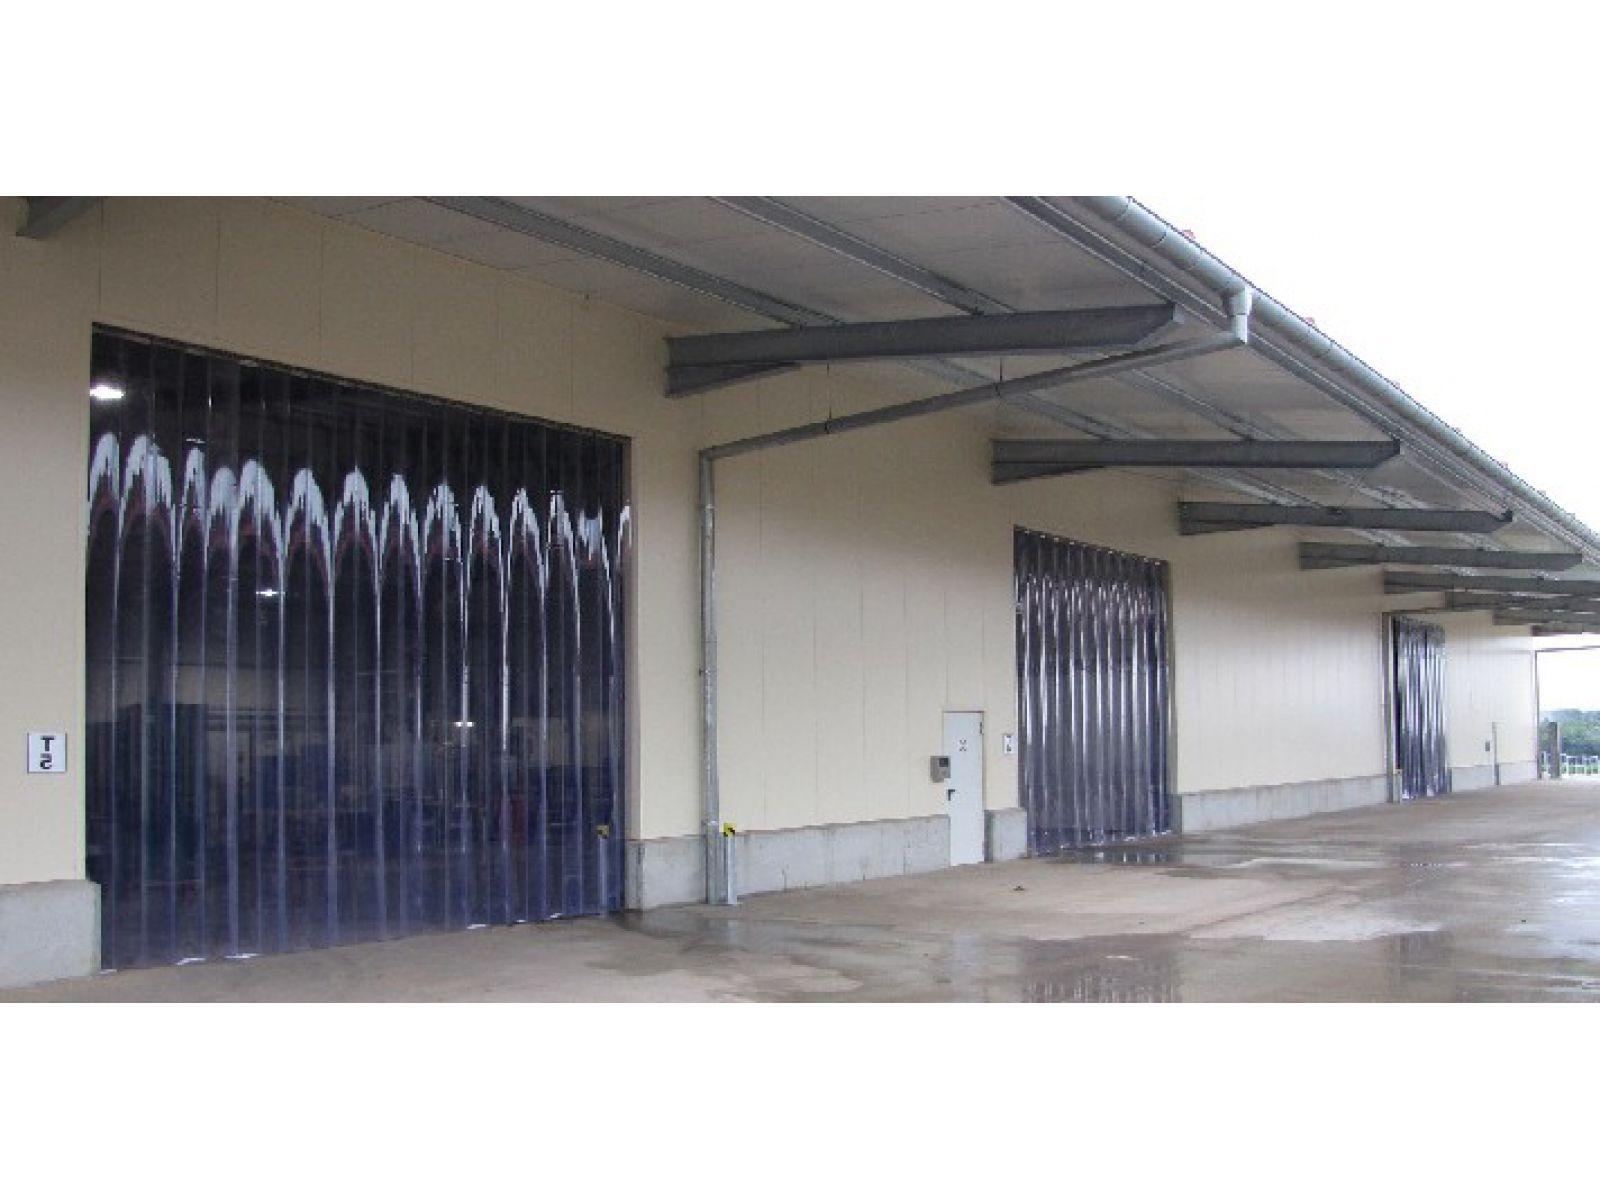 Porte À Lanières, Rideau Industriel   Pvc Souple   Hellopro.fr intérieur Rideau En Plastique Exterieur